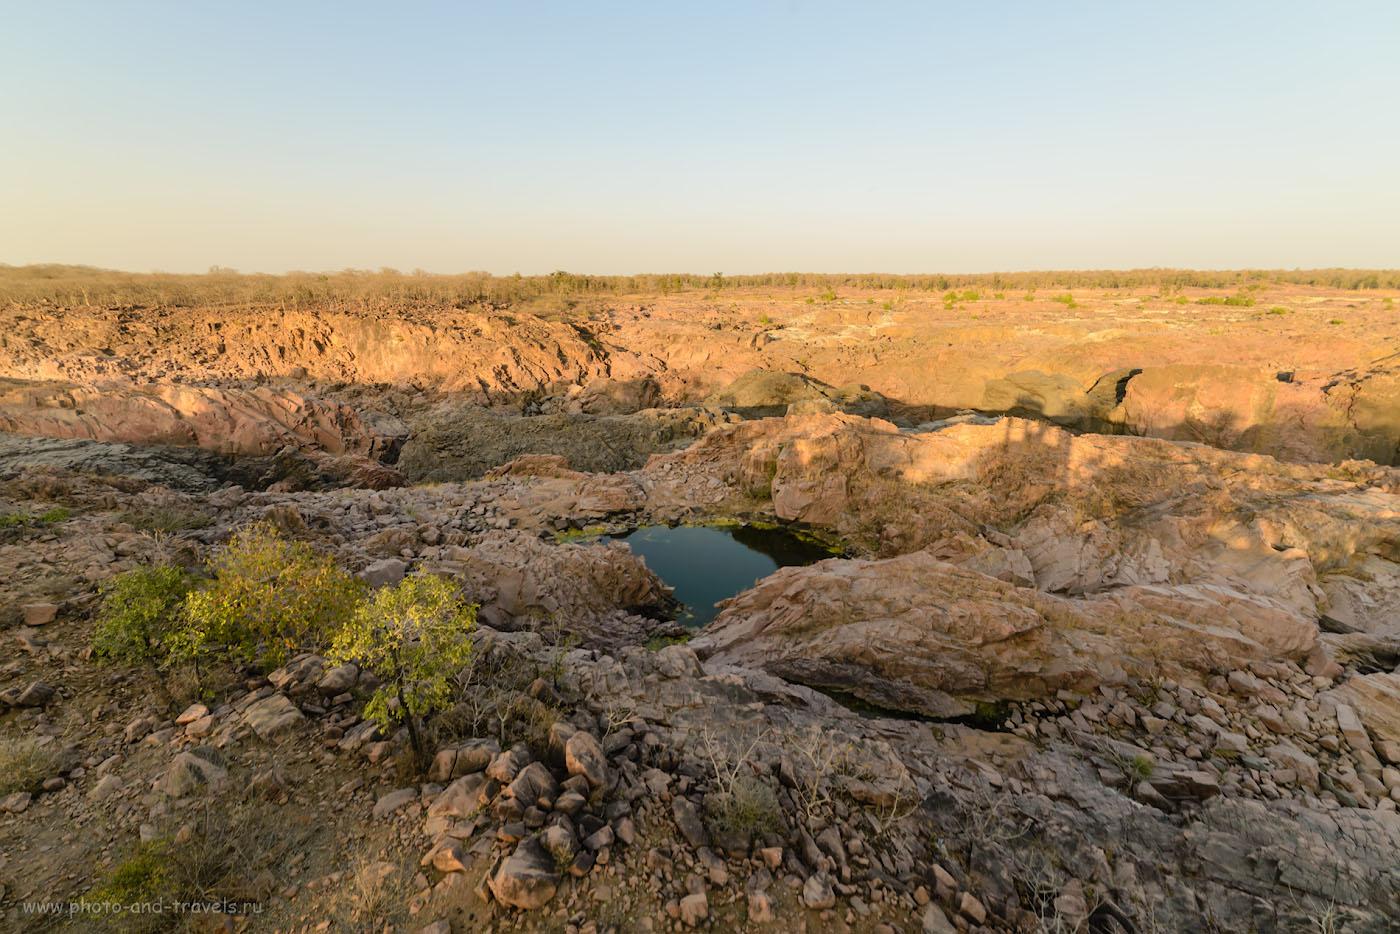 Фото 12. Безлюдные дали в пойме реки Кен. Отзывы о посещении водопадов Raneh Falls. Фотоаппарат Nikon D610, объектив Samyang 14mm f/2.8. Настройки: 1/80, -1.33, 8.0, 100, 14.